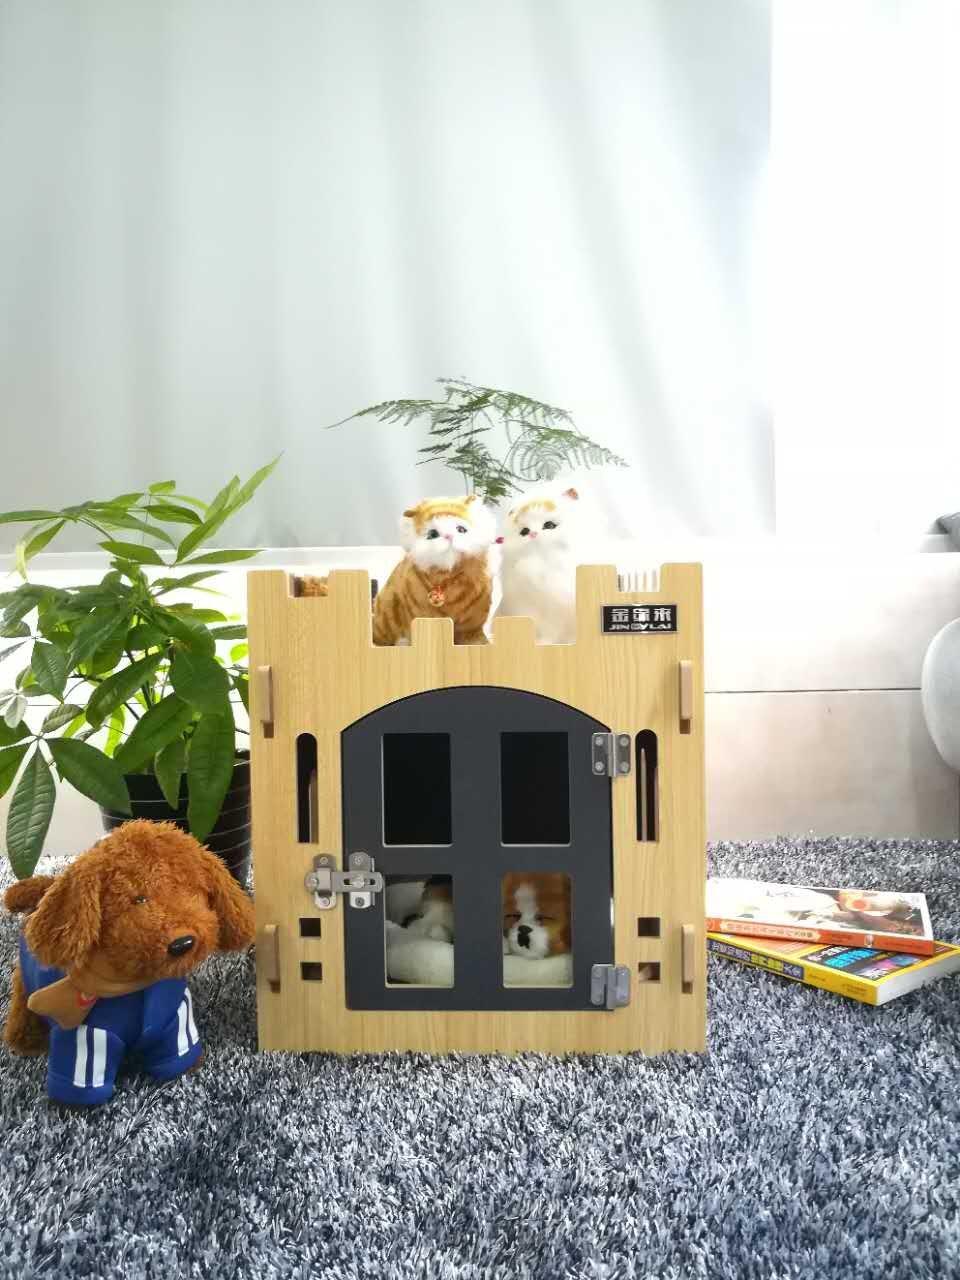 HUIXUAN DIY Pet House - Junta de caseta para Interior para Perros pequeños Gatos Mascotas casa con Puerta y Ventana: Amazon.es: Productos para mascotas